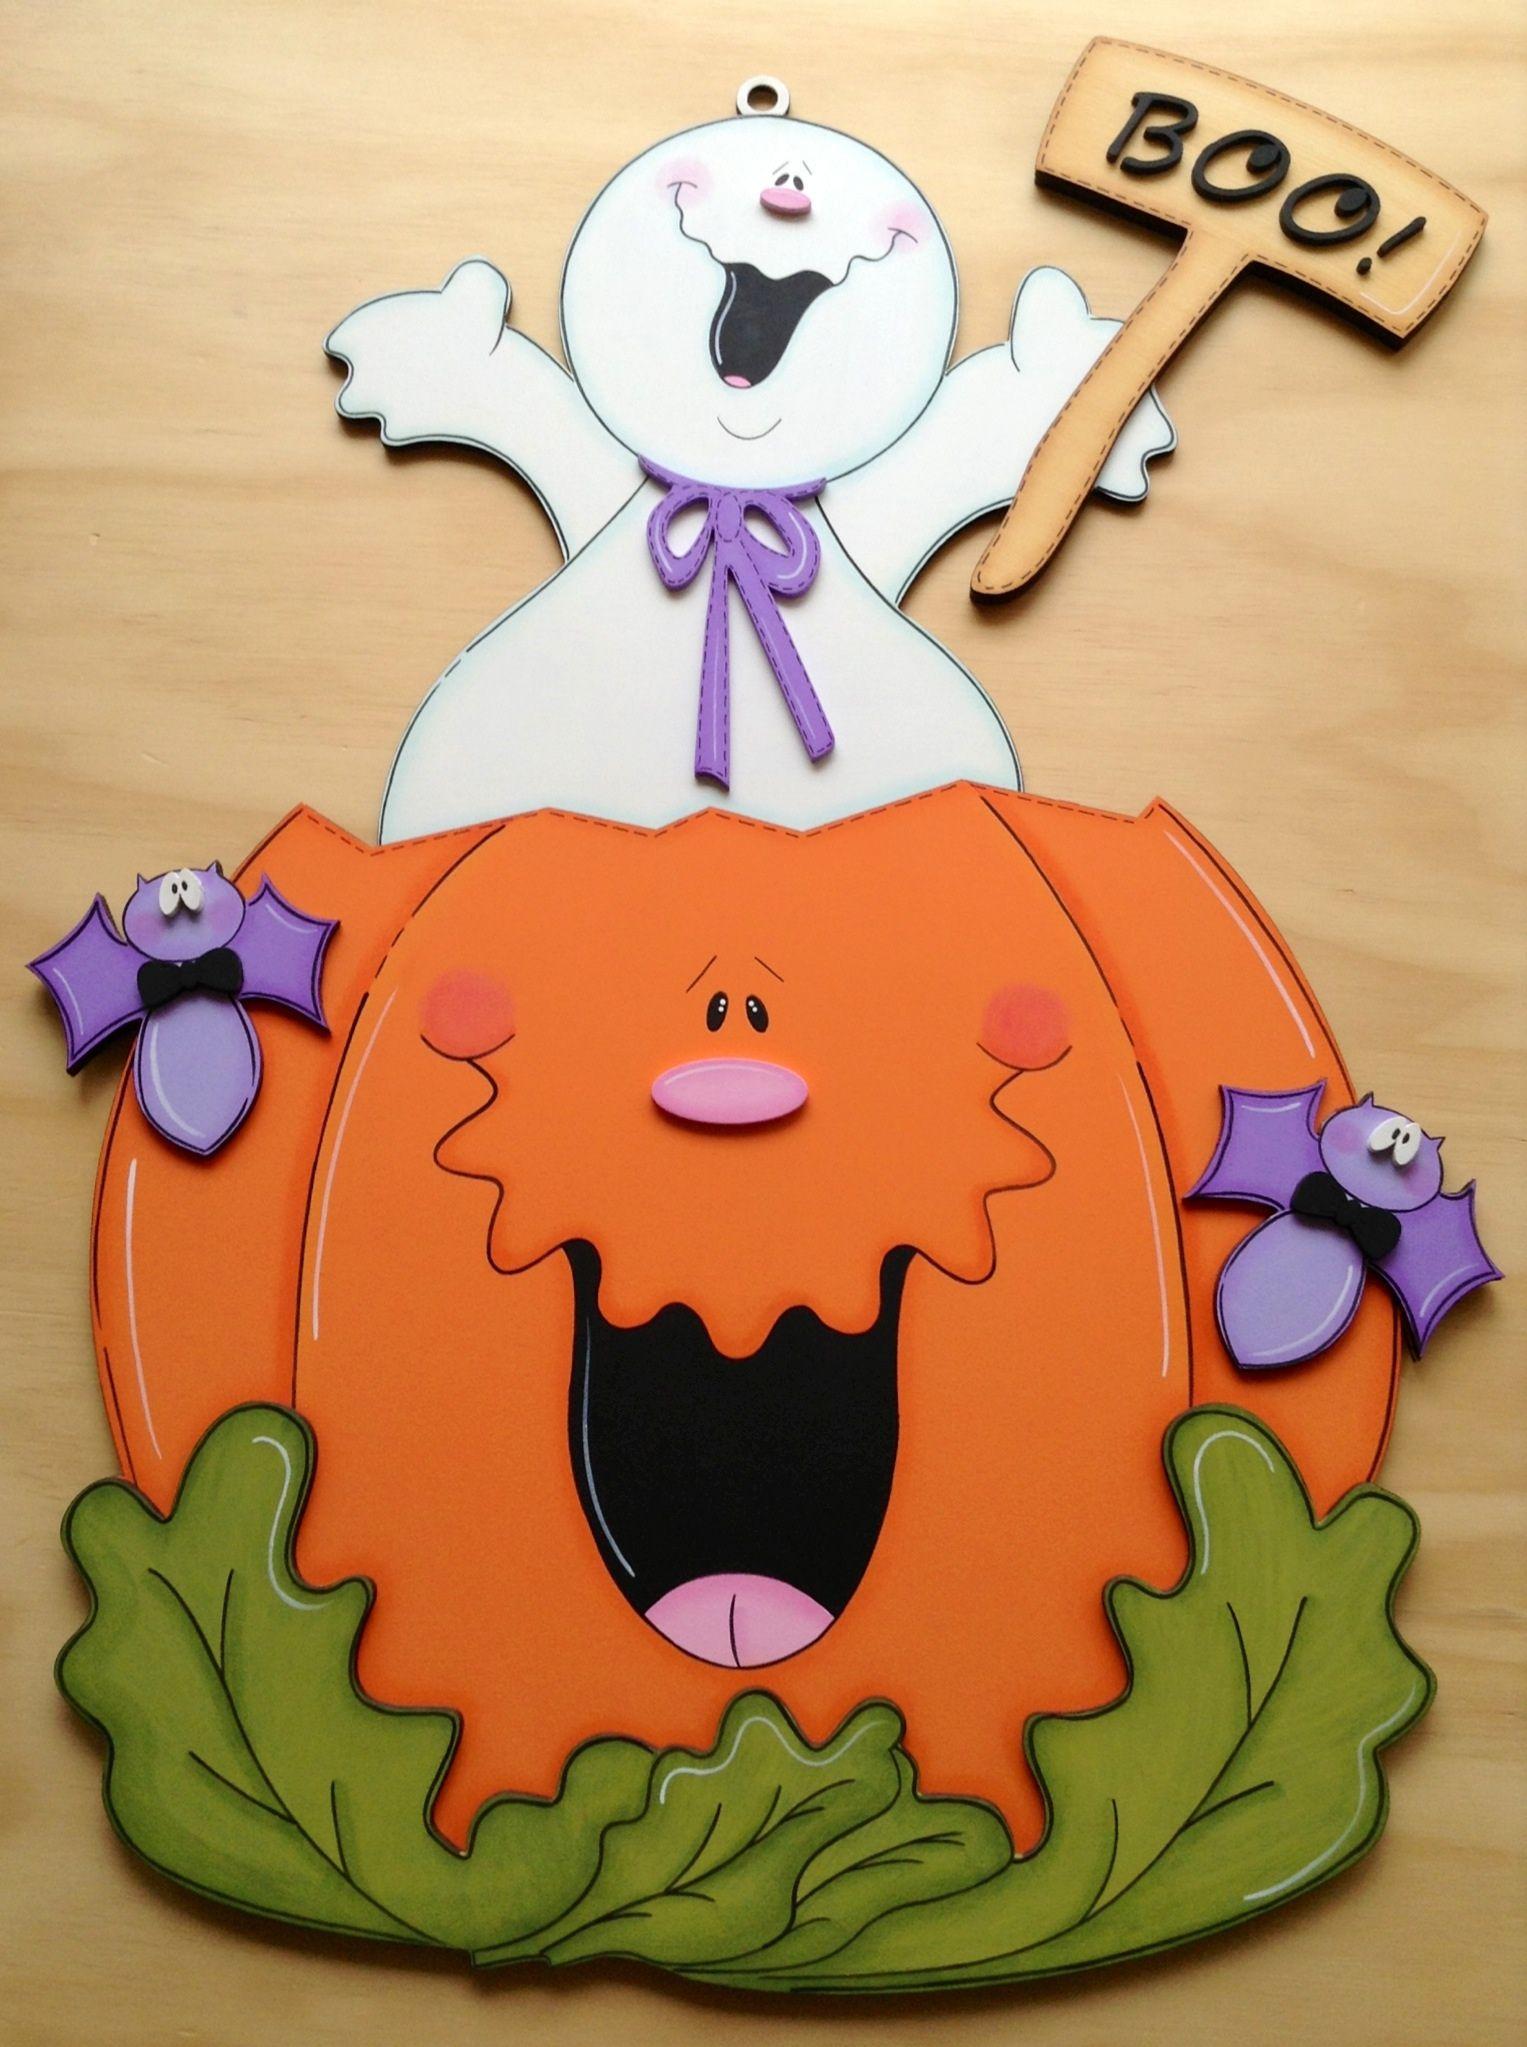 Calabaza con fantasma boo halloween pinterest - Calabazas de halloween manualidades ...